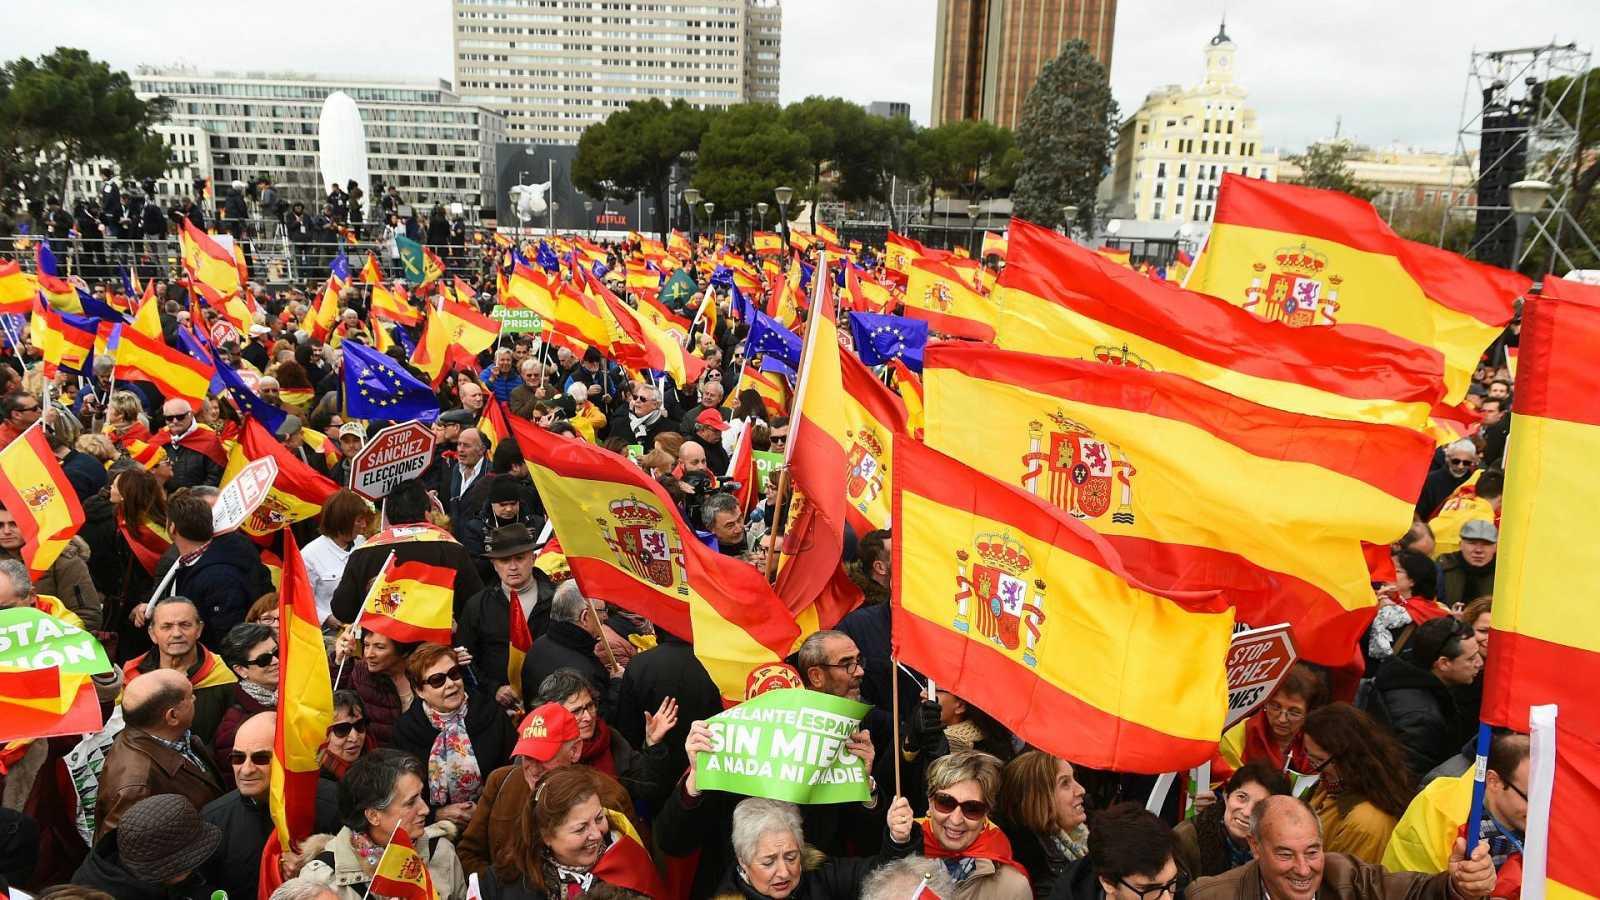 Imagen de archivo de la concentración convocada por el PP, Ciudadanos y Vox en la plaza de Colón de Madrid en 2019